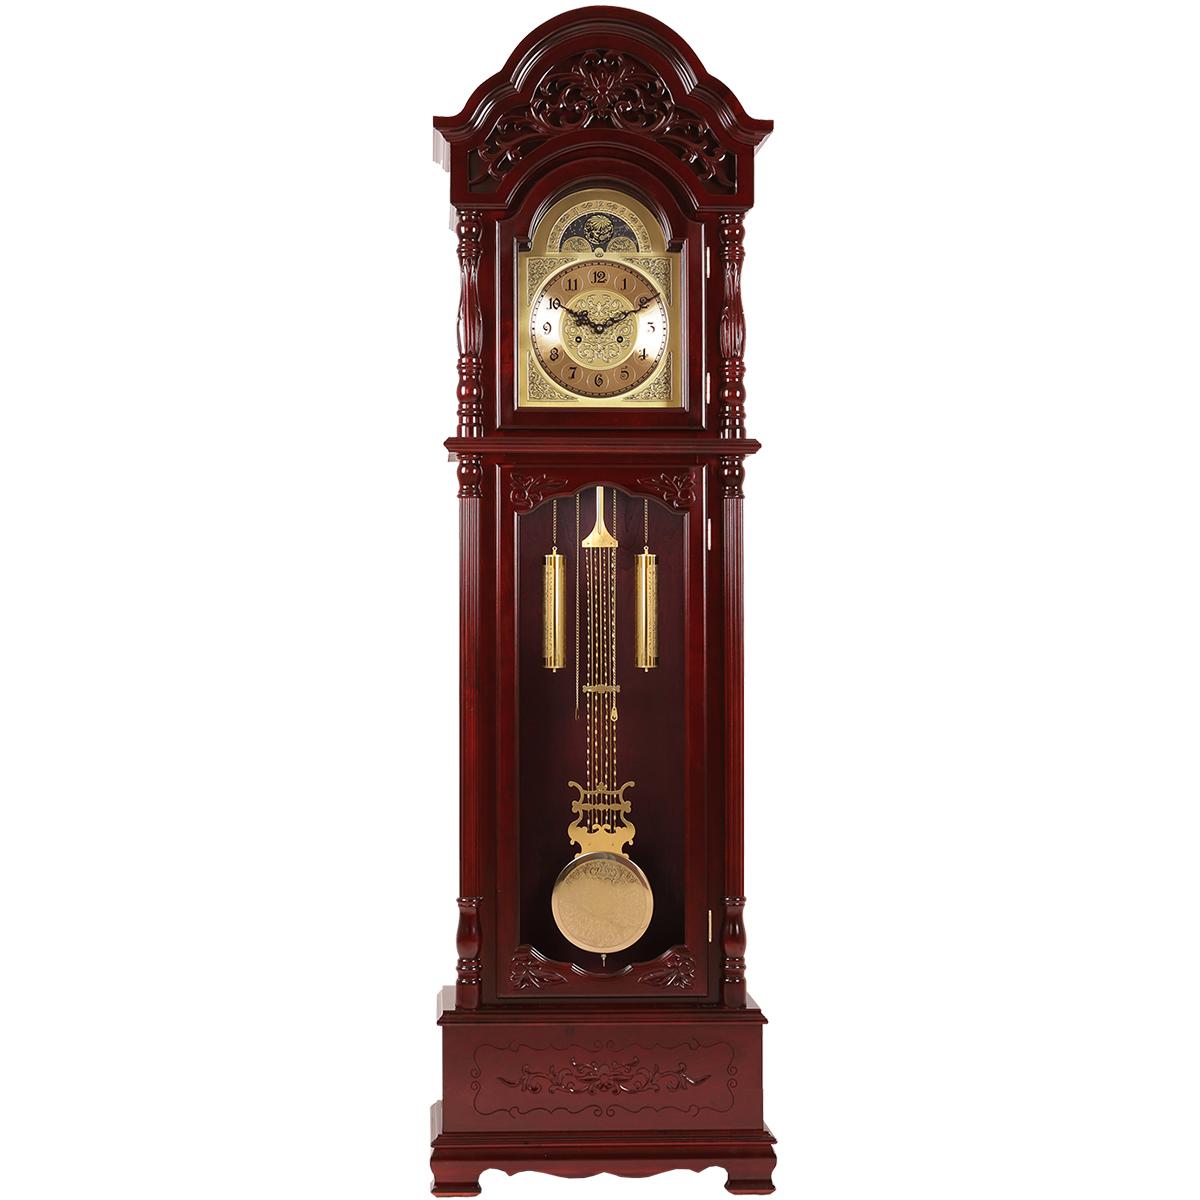 實木古典立鐘北極星立式鐘表中式落地鐘歐式客廳擺鐘報時機械座鐘